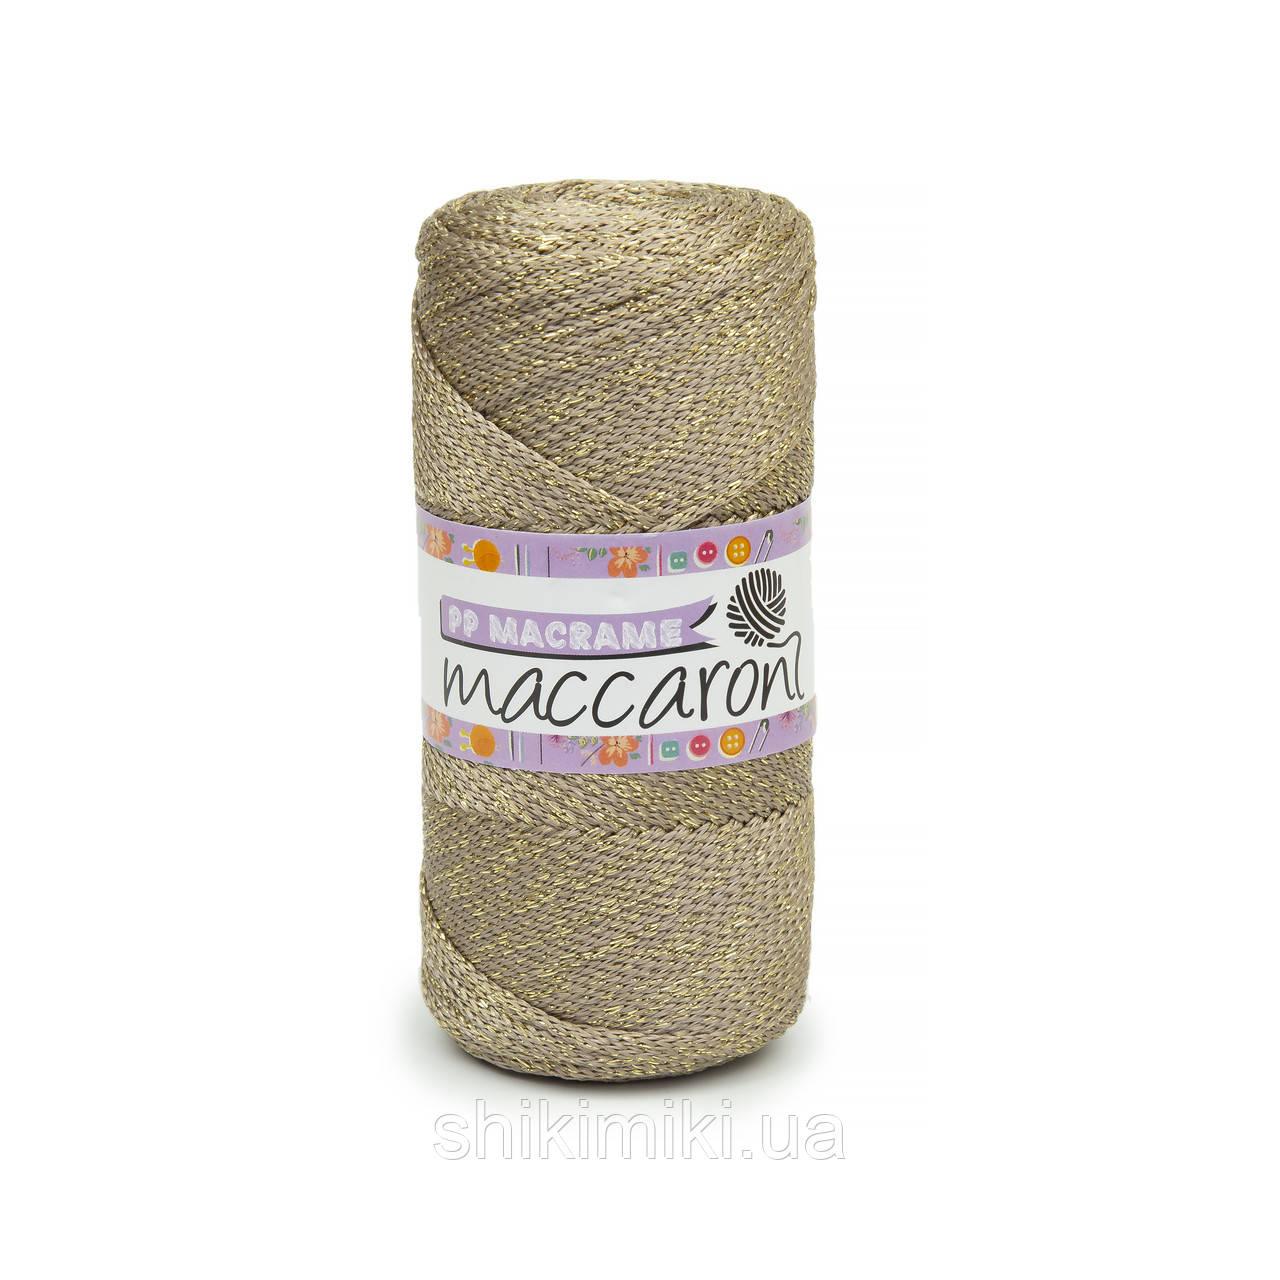 Трикотажный полиэфирный шнур с люрексом PP Macrame, цвет Золотой капучино